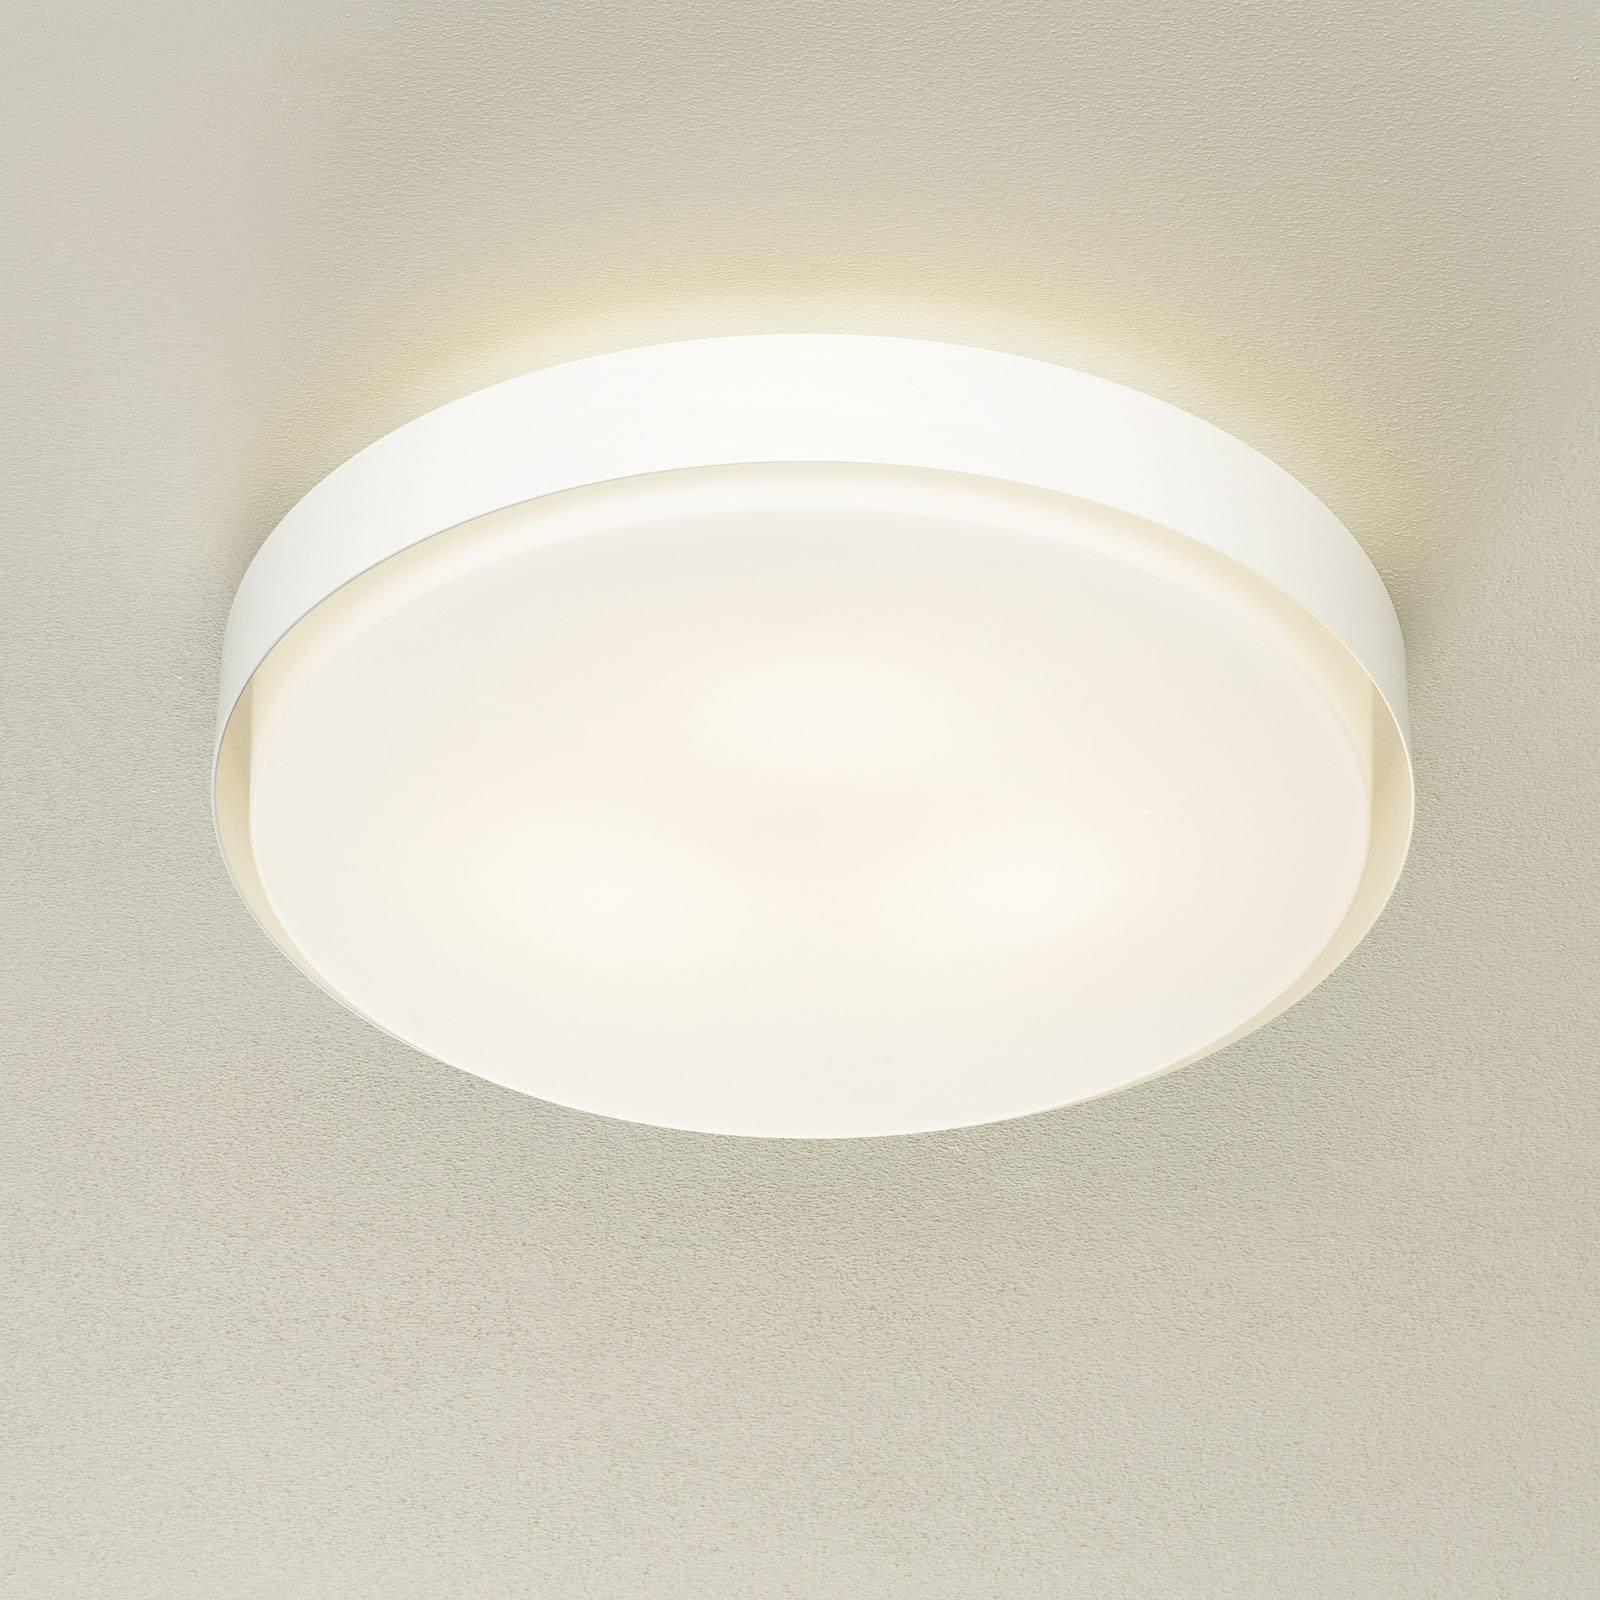 BEGA 89760 LED-taklampe E27 3 000 K hvit Ø 50 cm